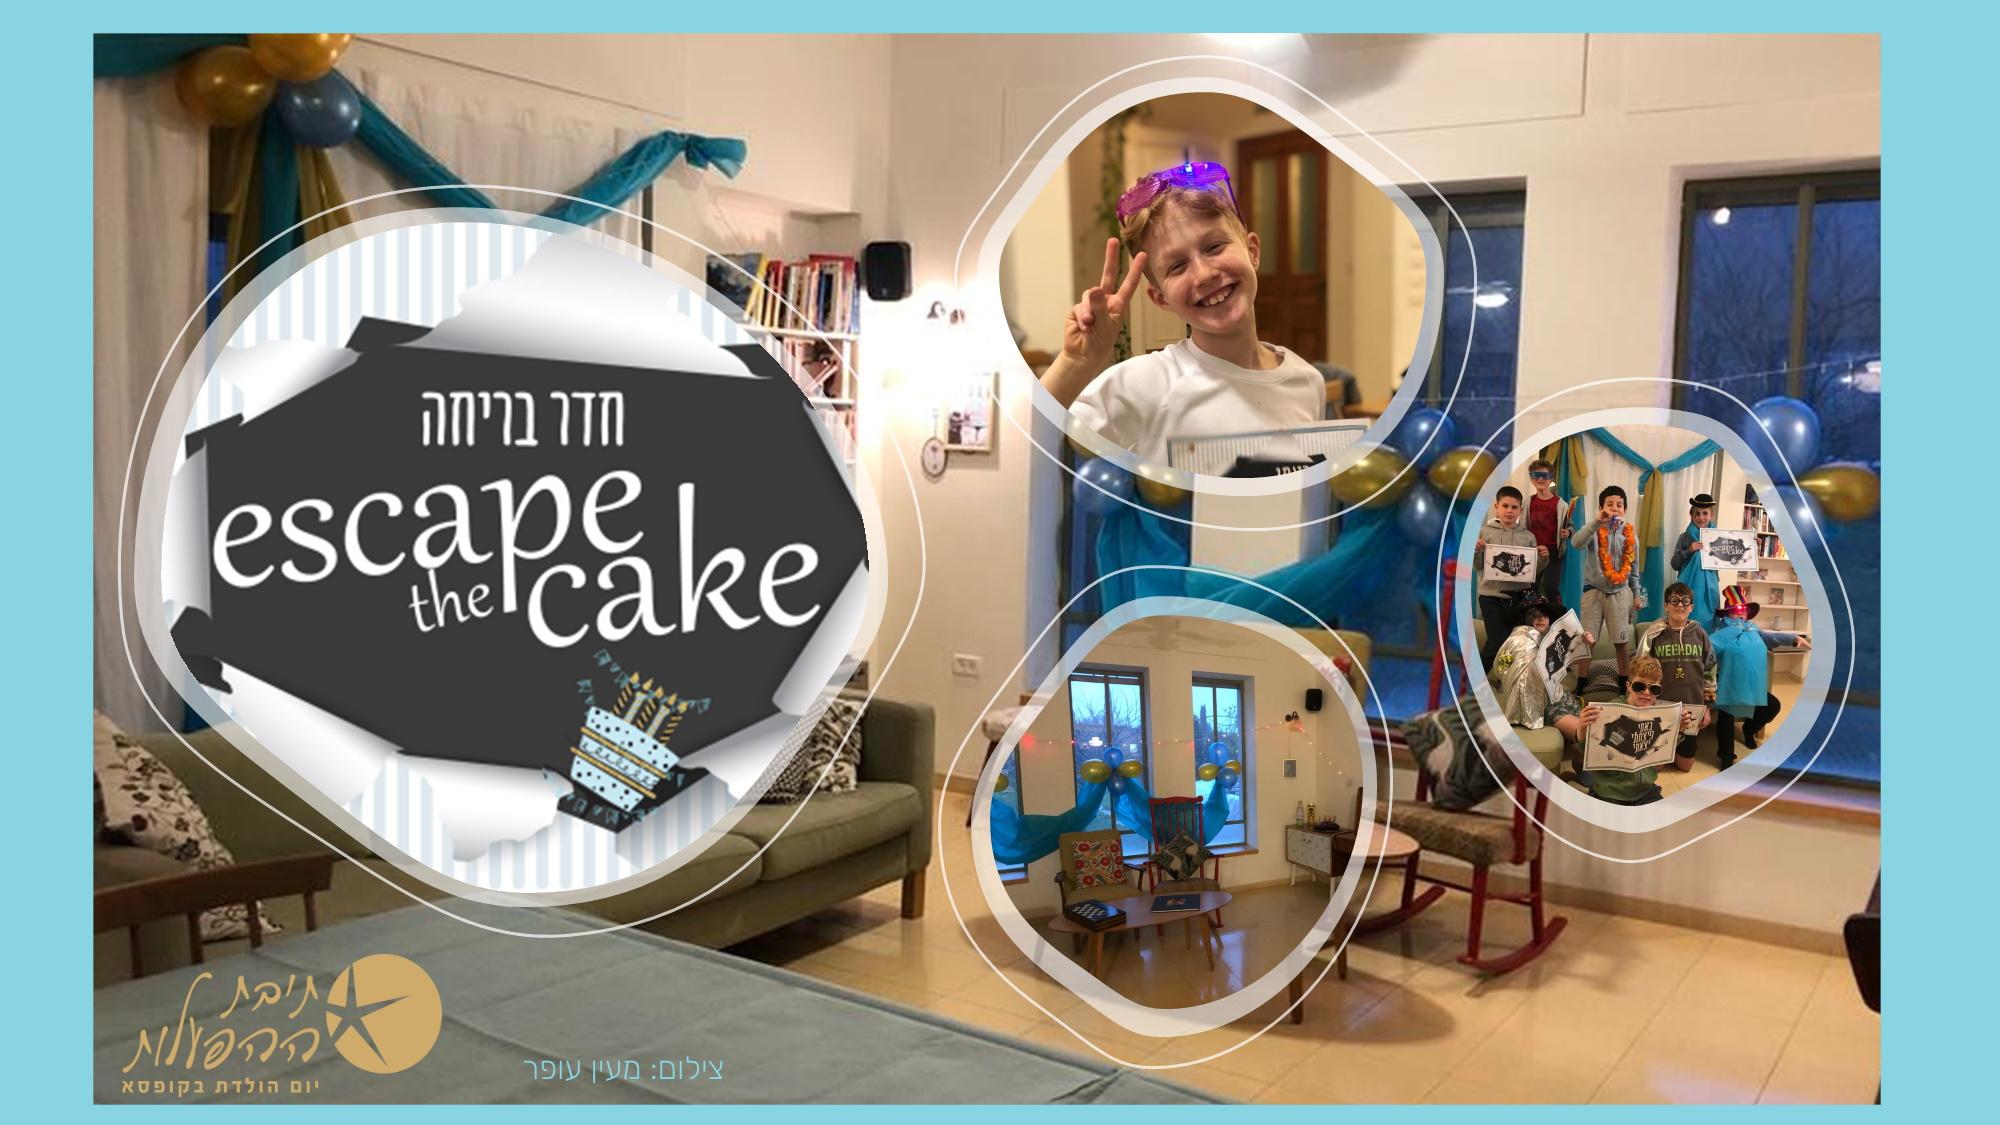 חדר בריחה בבית לילדים אסקייפ דה קייק